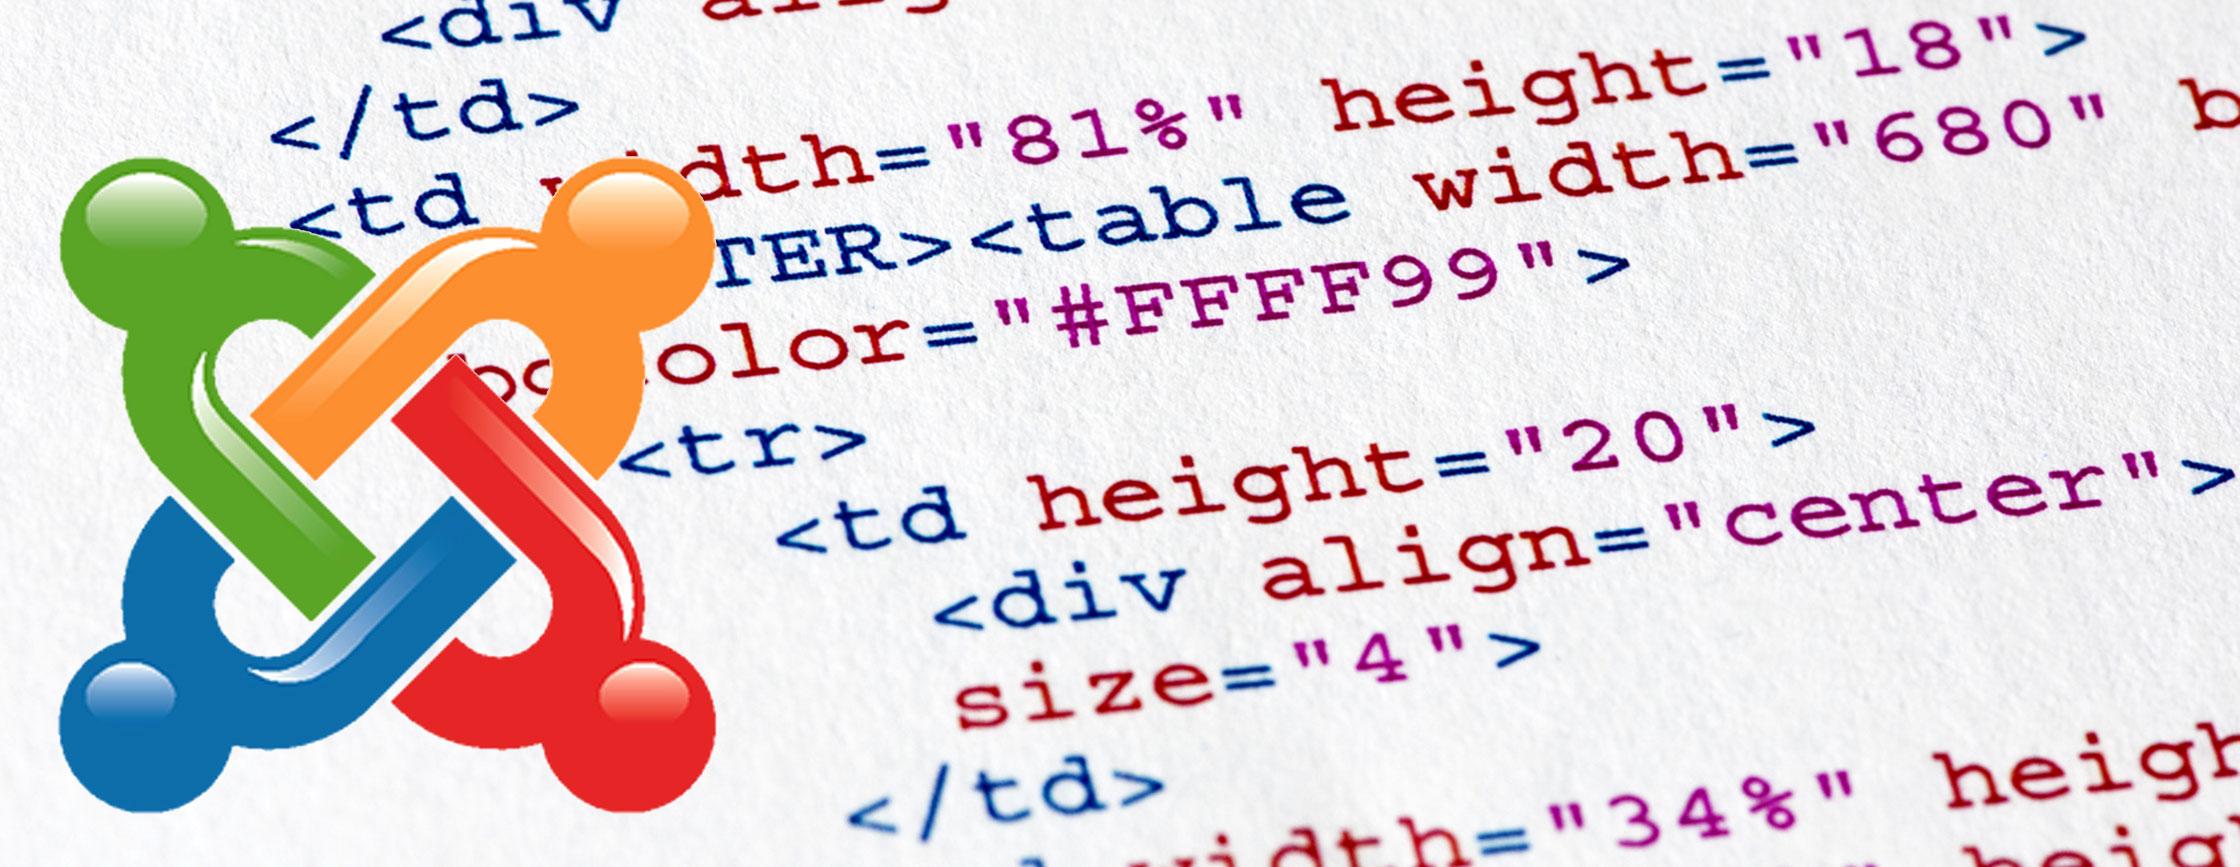 В Joomla устранен ряд уязвимостей, в том числе баг, позволявший создать новый аккаунт